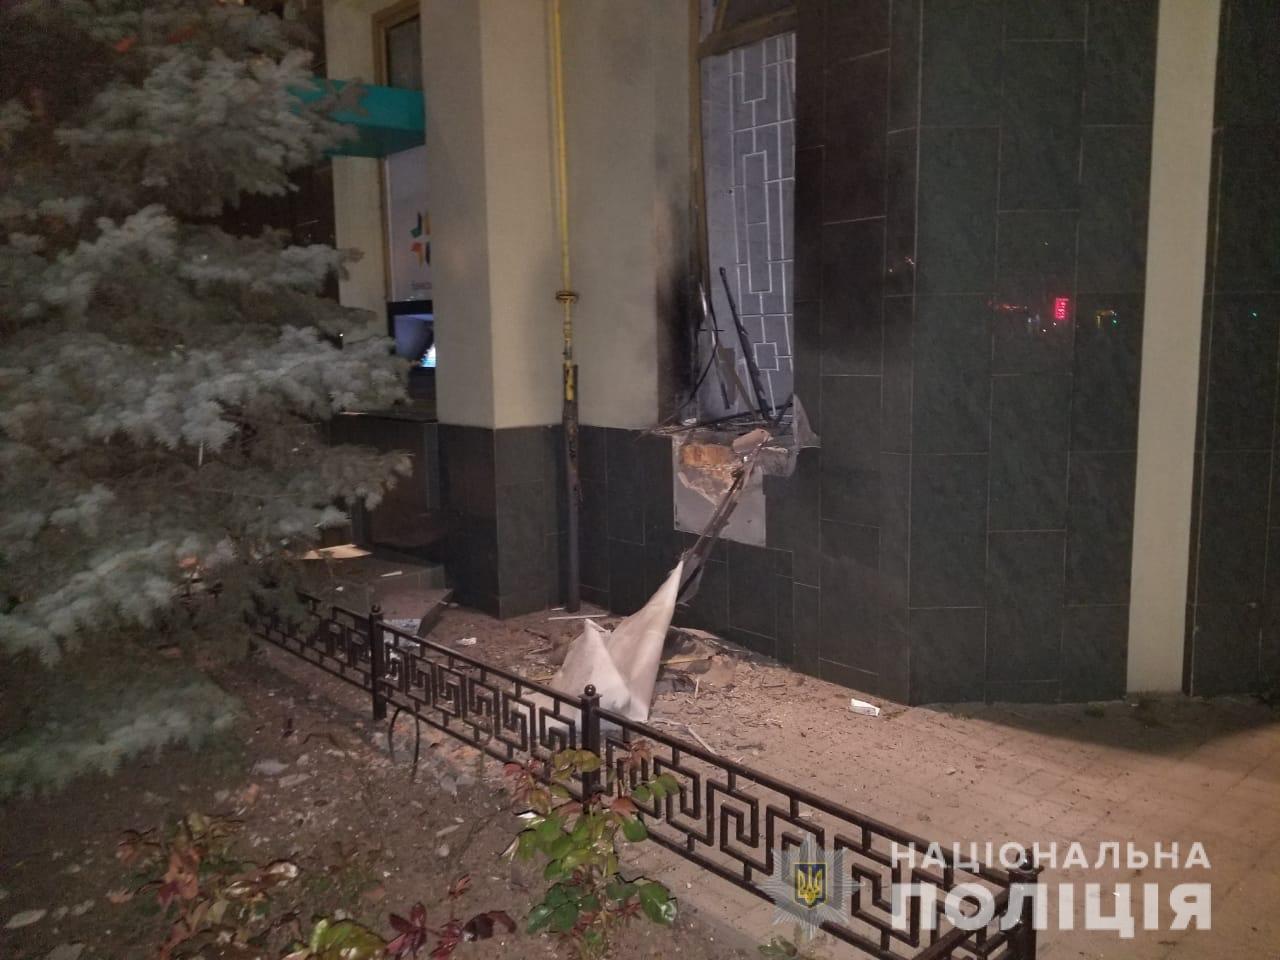 Взрыв в Одессе сегодня ночью: появились фото с места происшествия, фото-2, Фото: Нацполиция